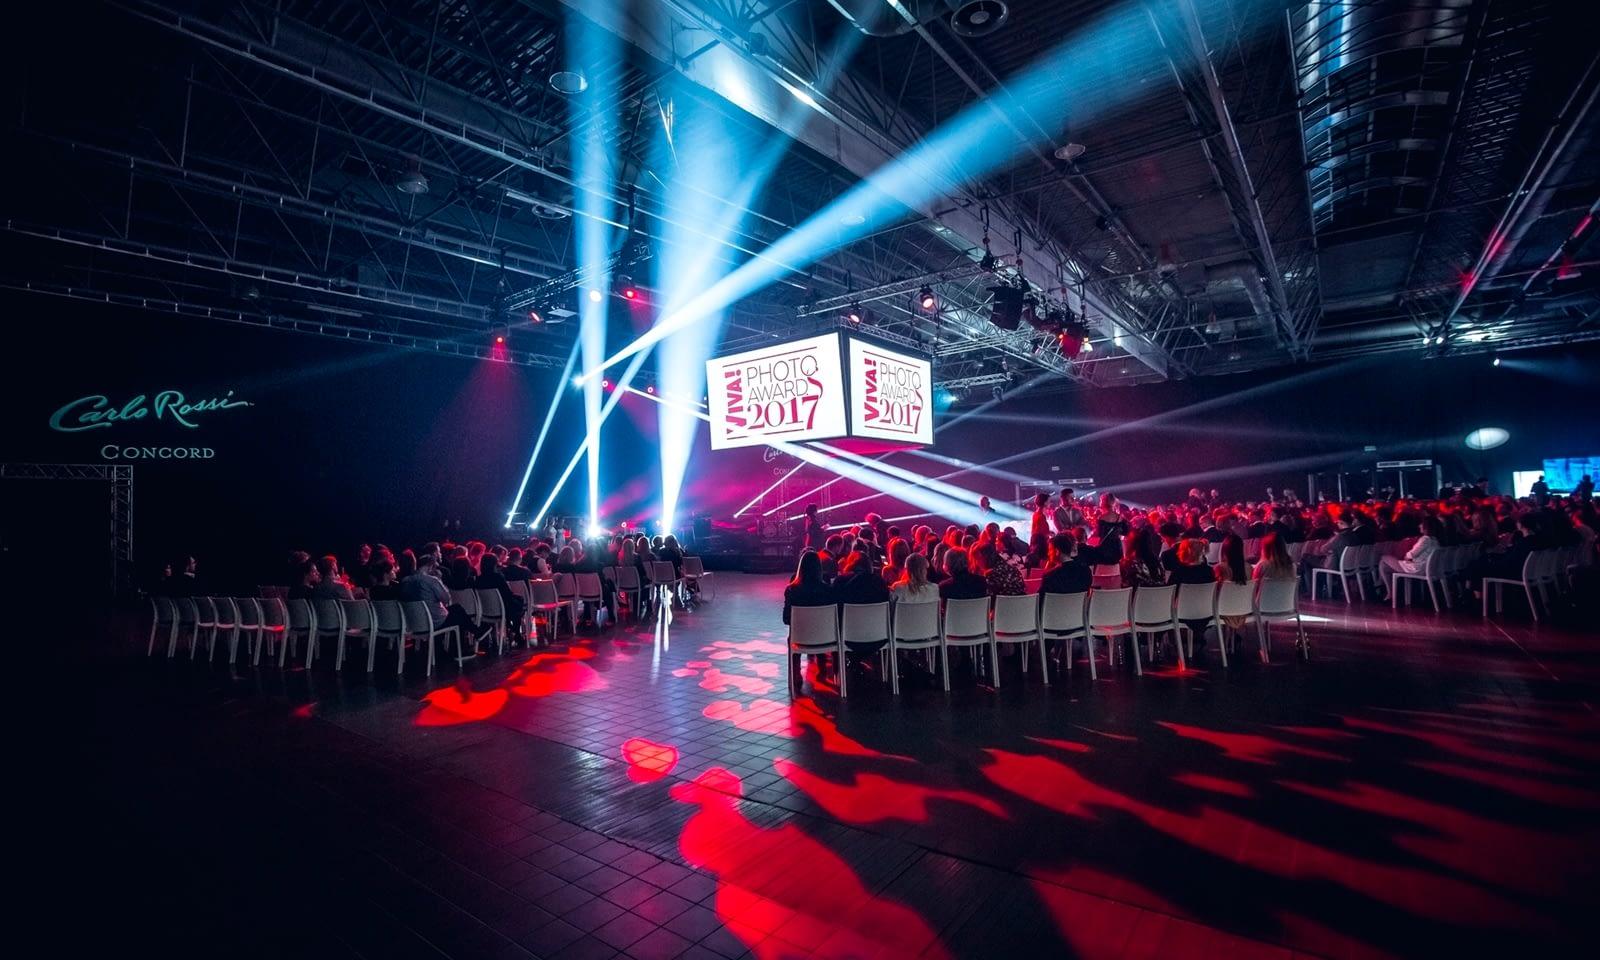 VIVA! Photo Awards 2017 Brill AV Media